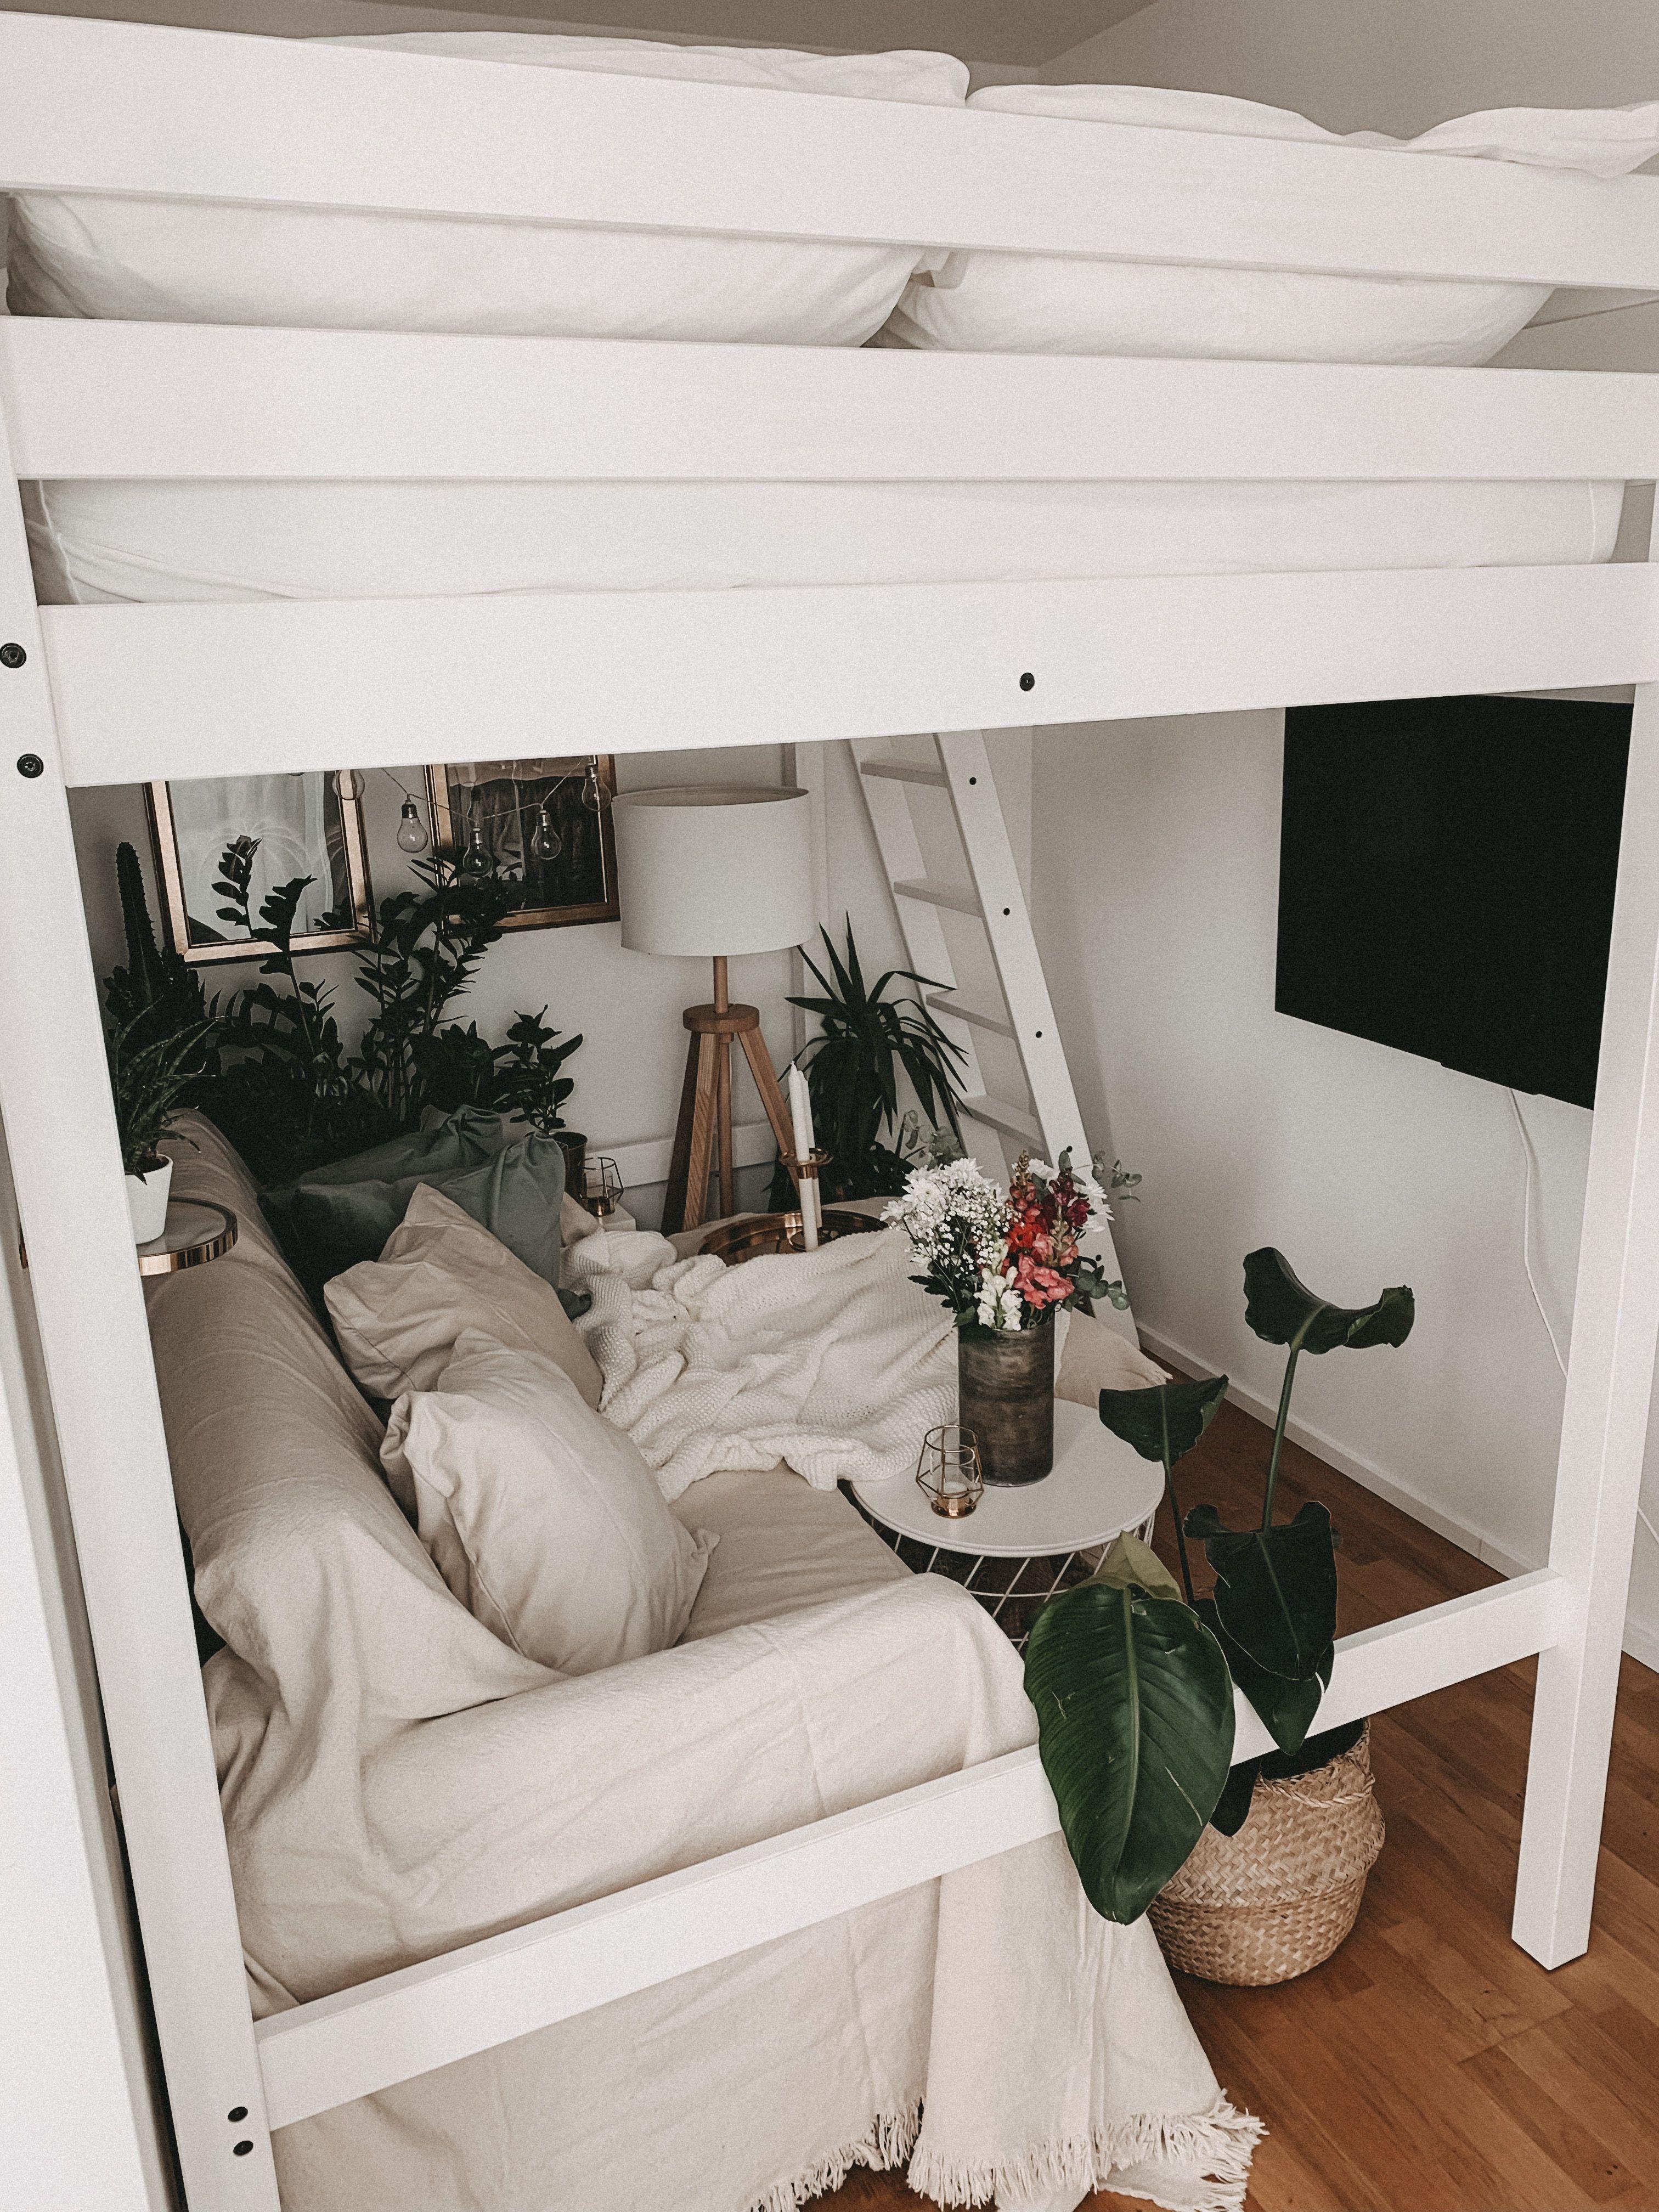 Ikea Deko Challenge - Kleine Wohnung mit Hochbett umdekorieren